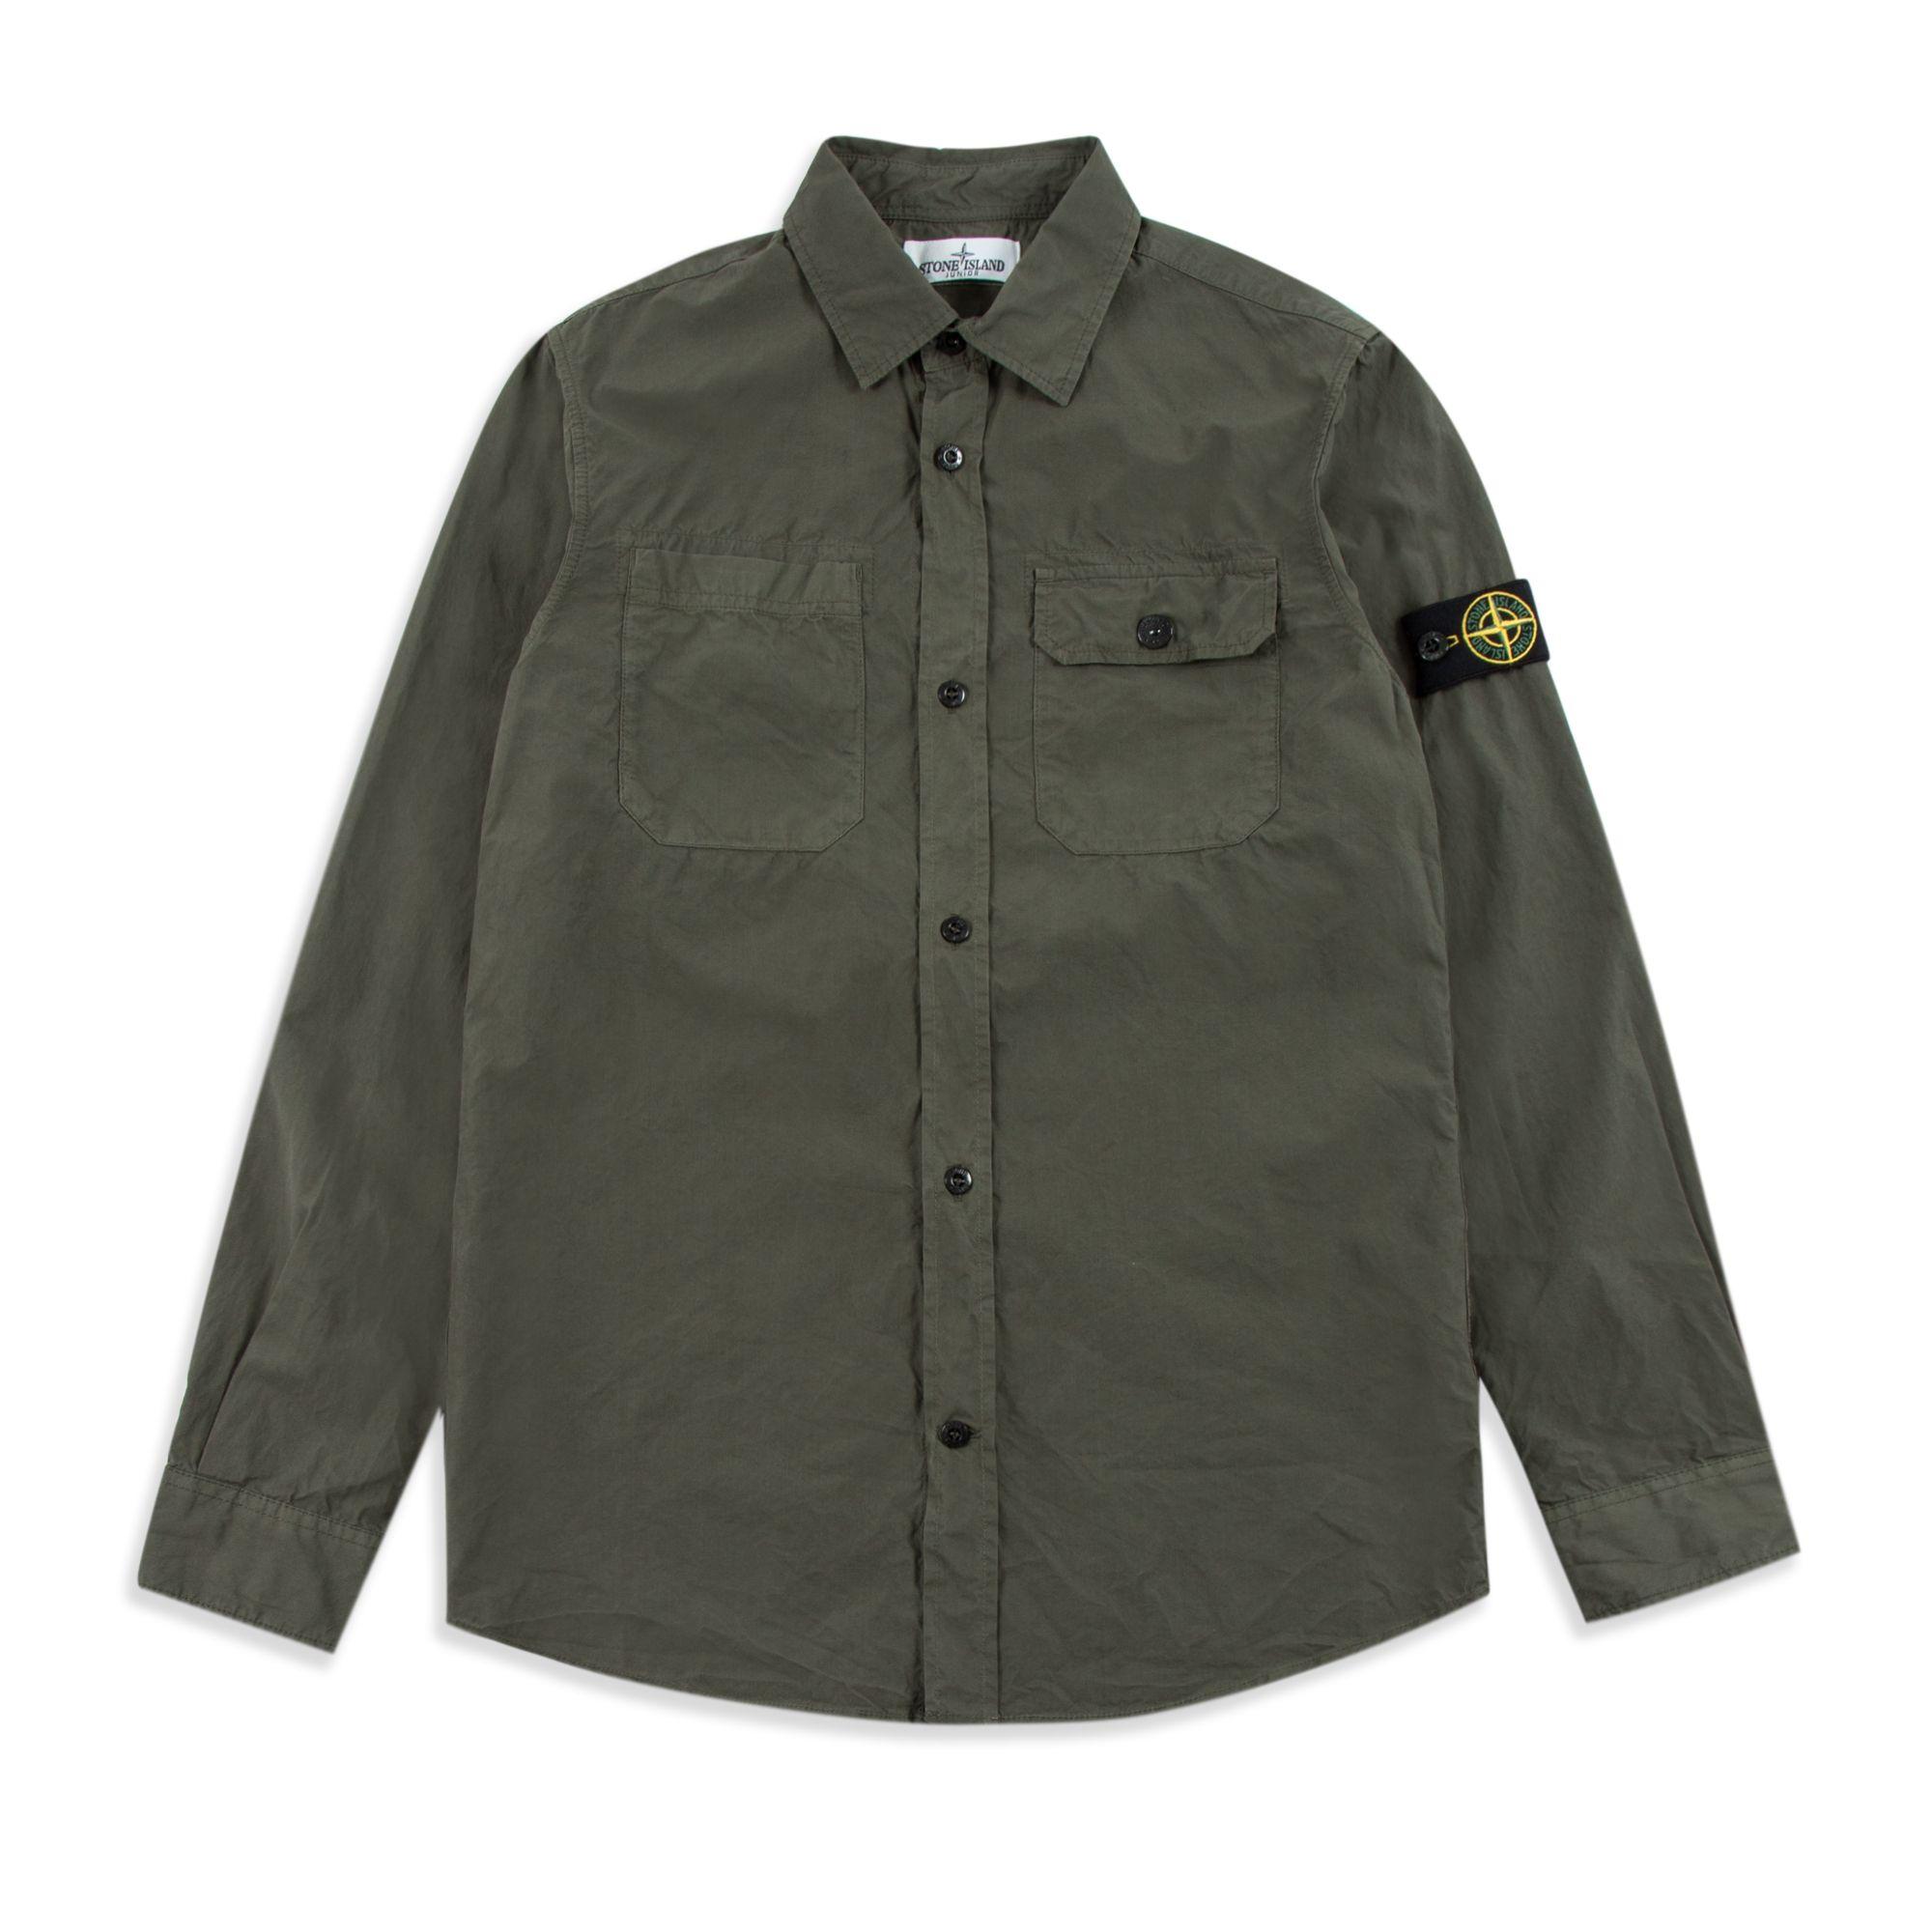 stone island khaki shirt